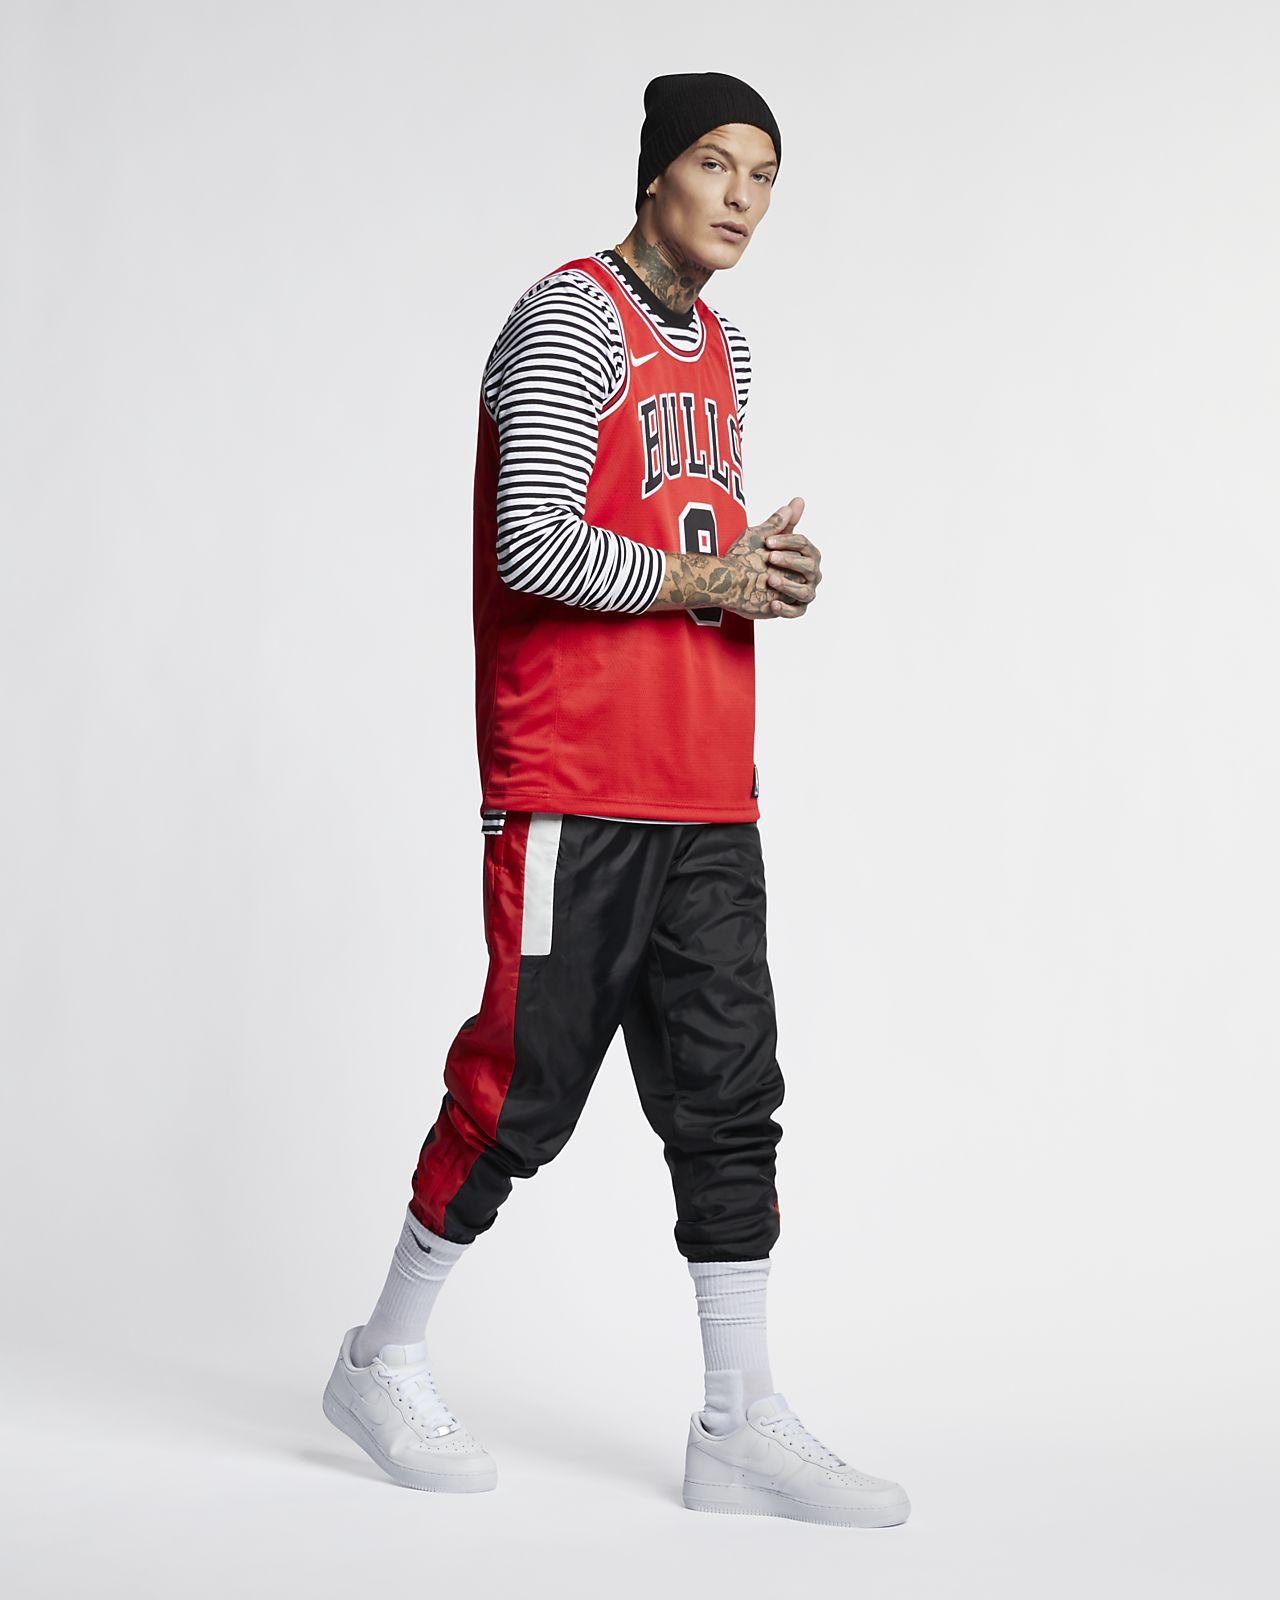 เสื้อแข่ง Nike NBA Connected ผู้ชาย Zach LaVine Icon Edition Swingman (Chicago Bulls)